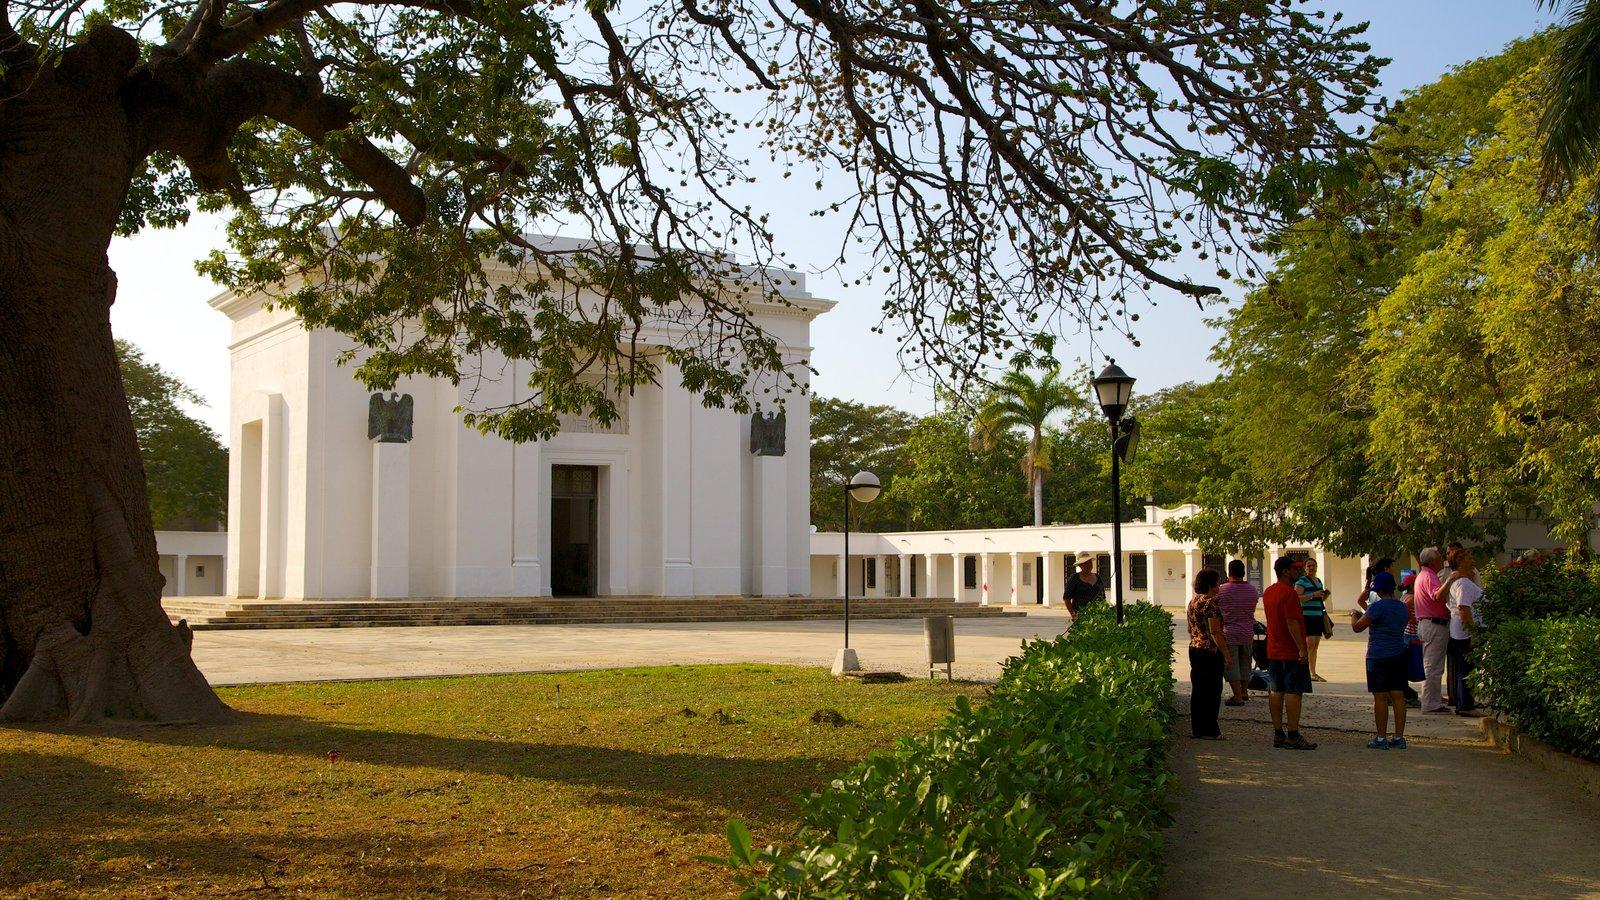 Quinta de San Pedro Alejandrino que inclui um memorial assim como um pequeno grupo de pessoas